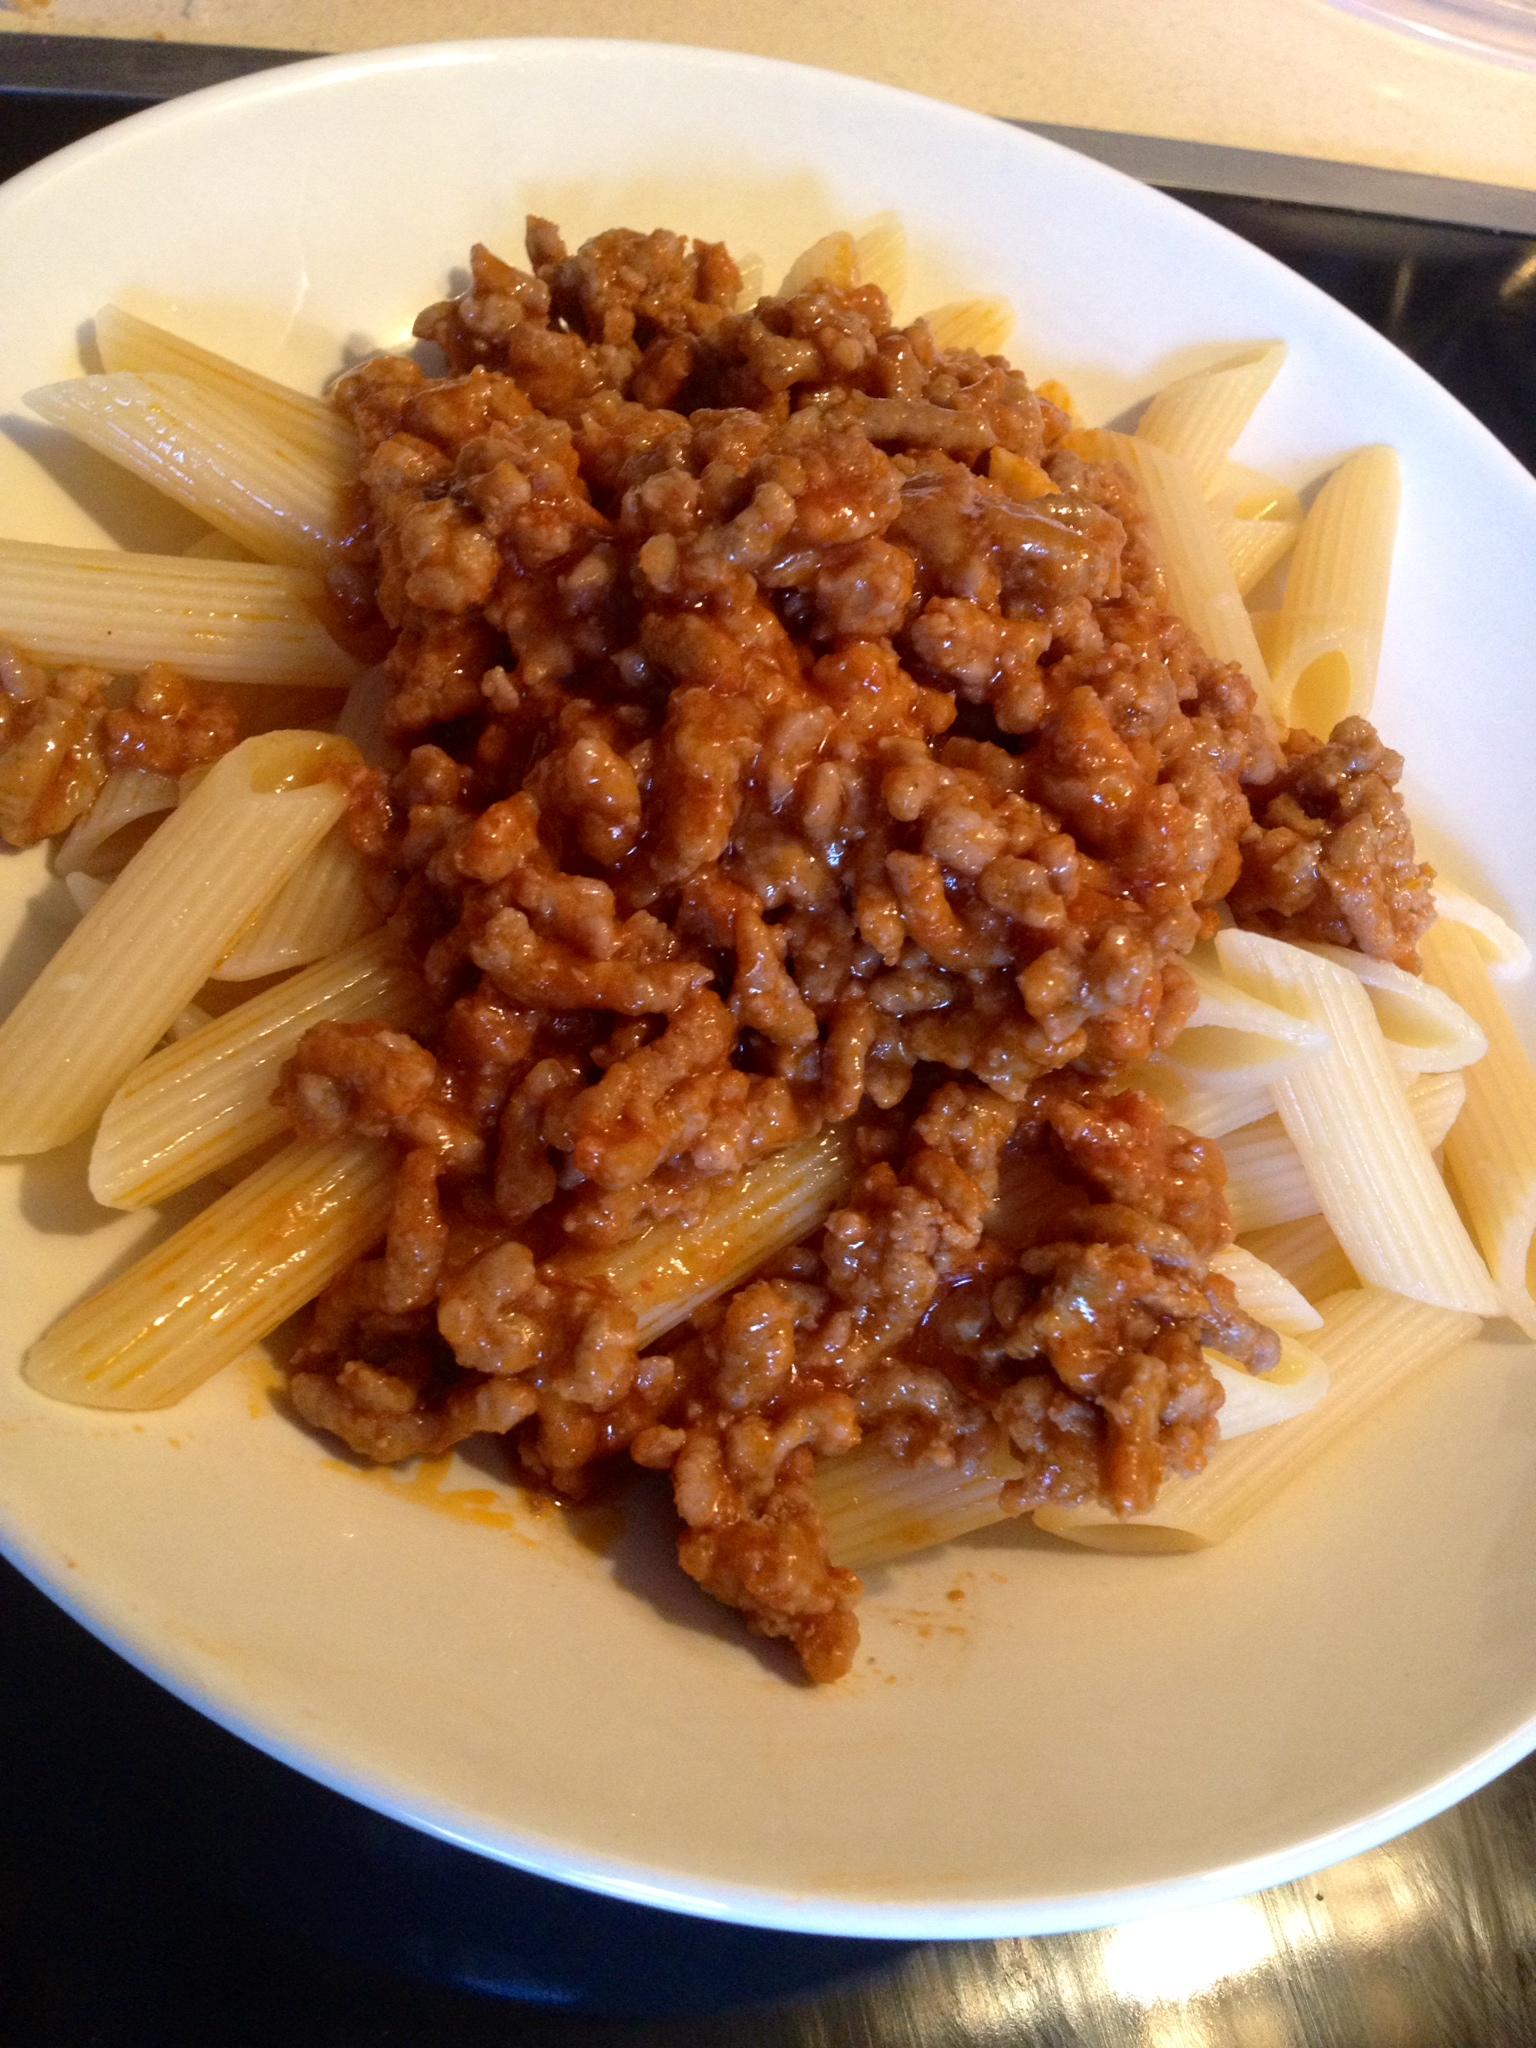 Recetas fáciles de macarrones con carne picada